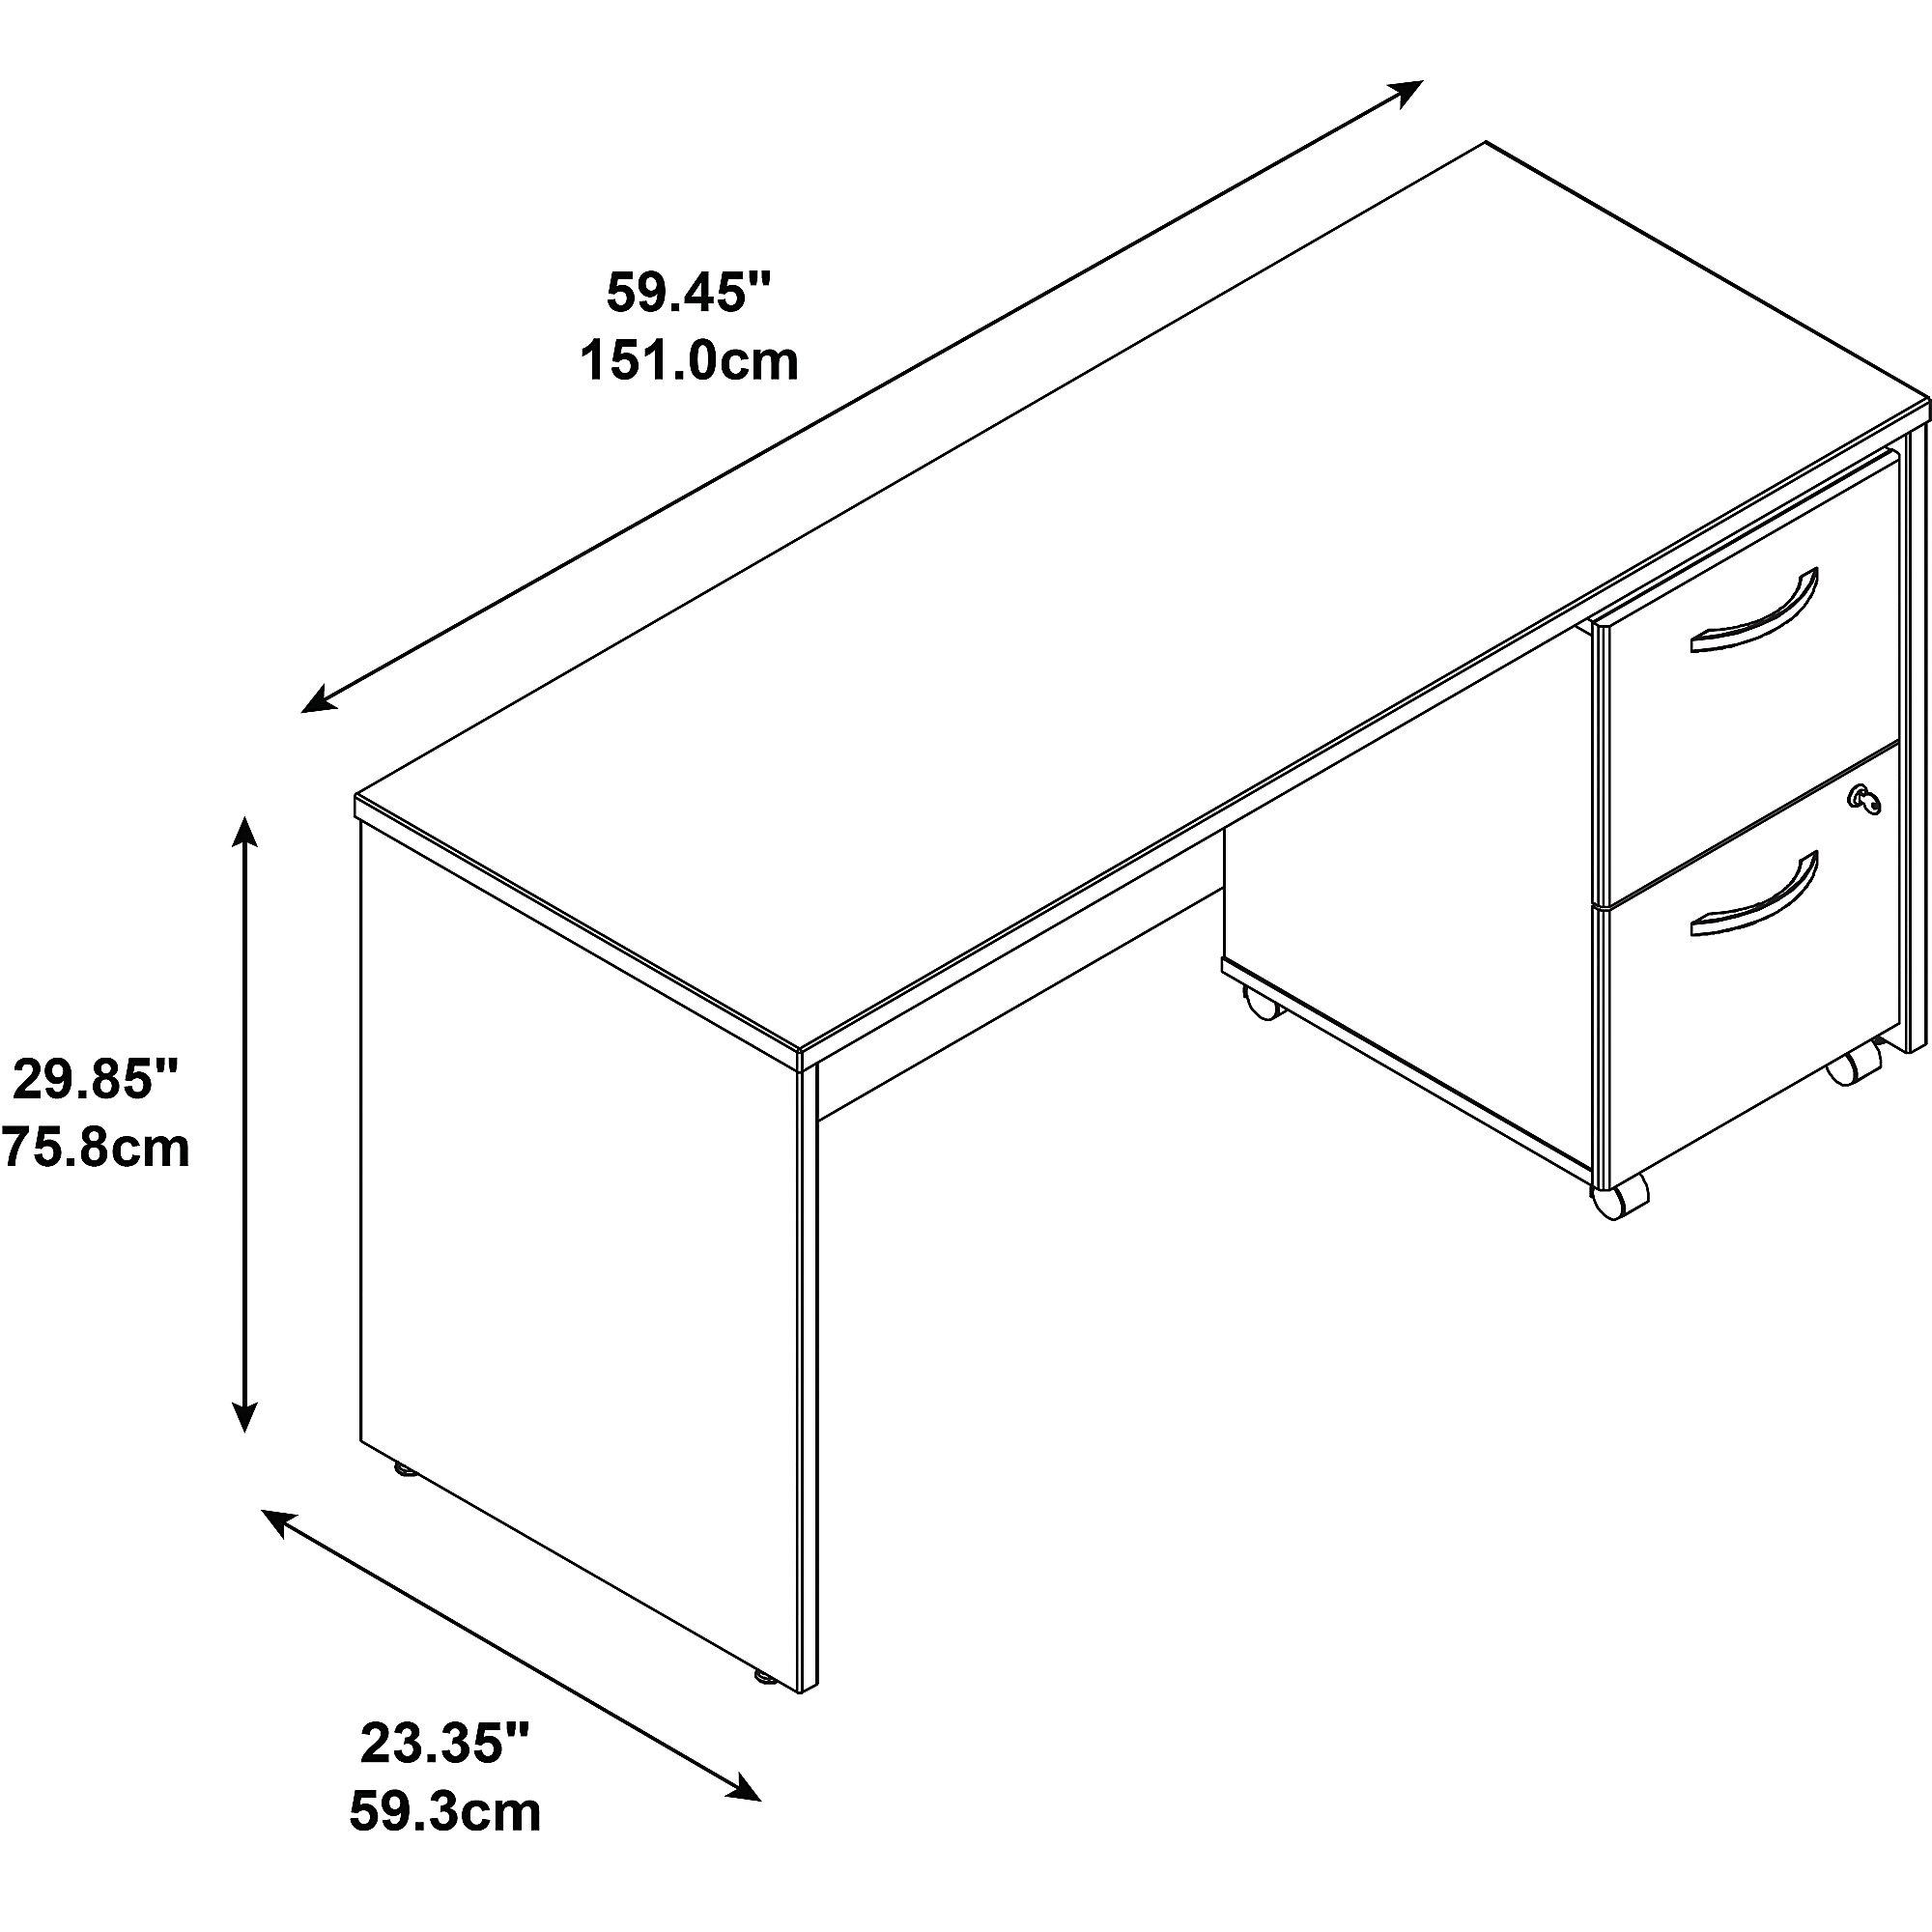 credenza desk dimensions